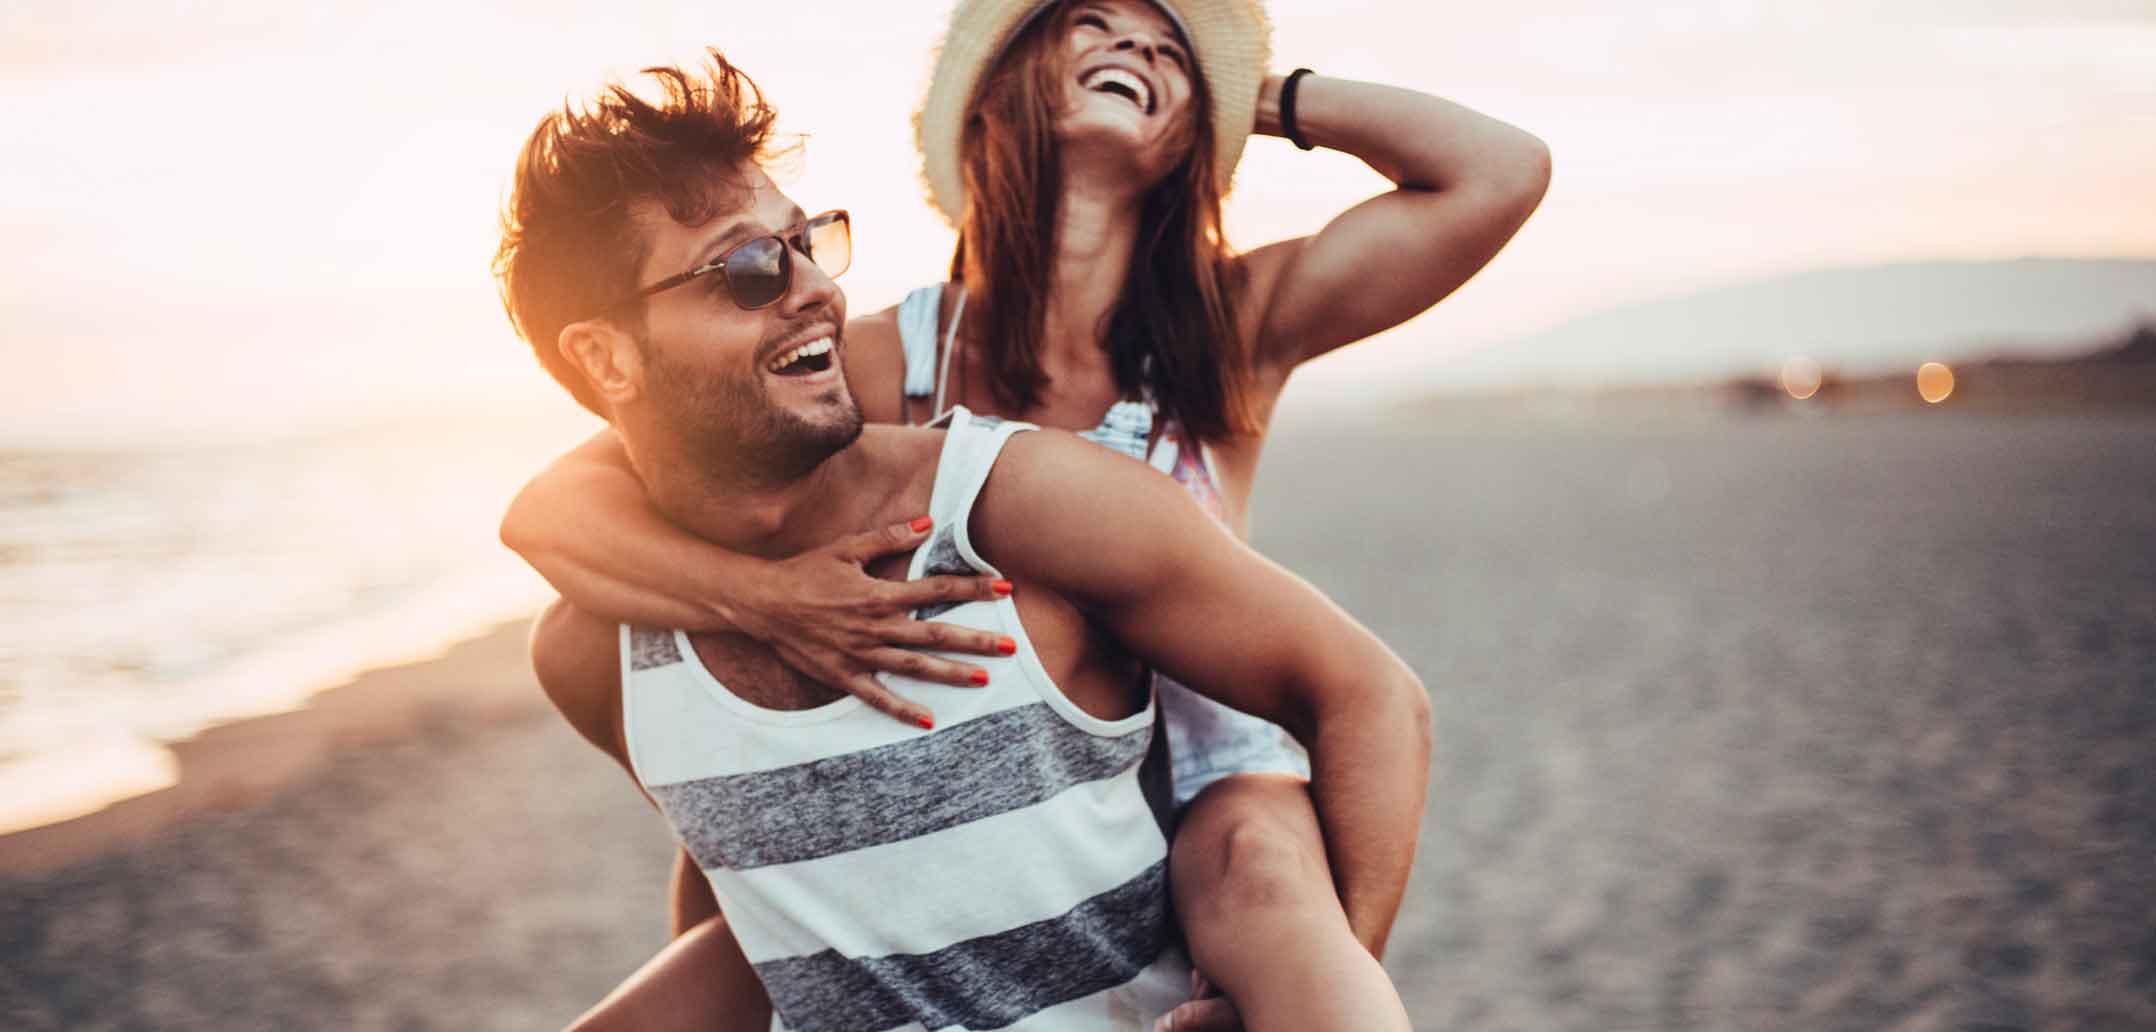 Von einer Beziehung in die nächste zu springen, ist keine gute Idee